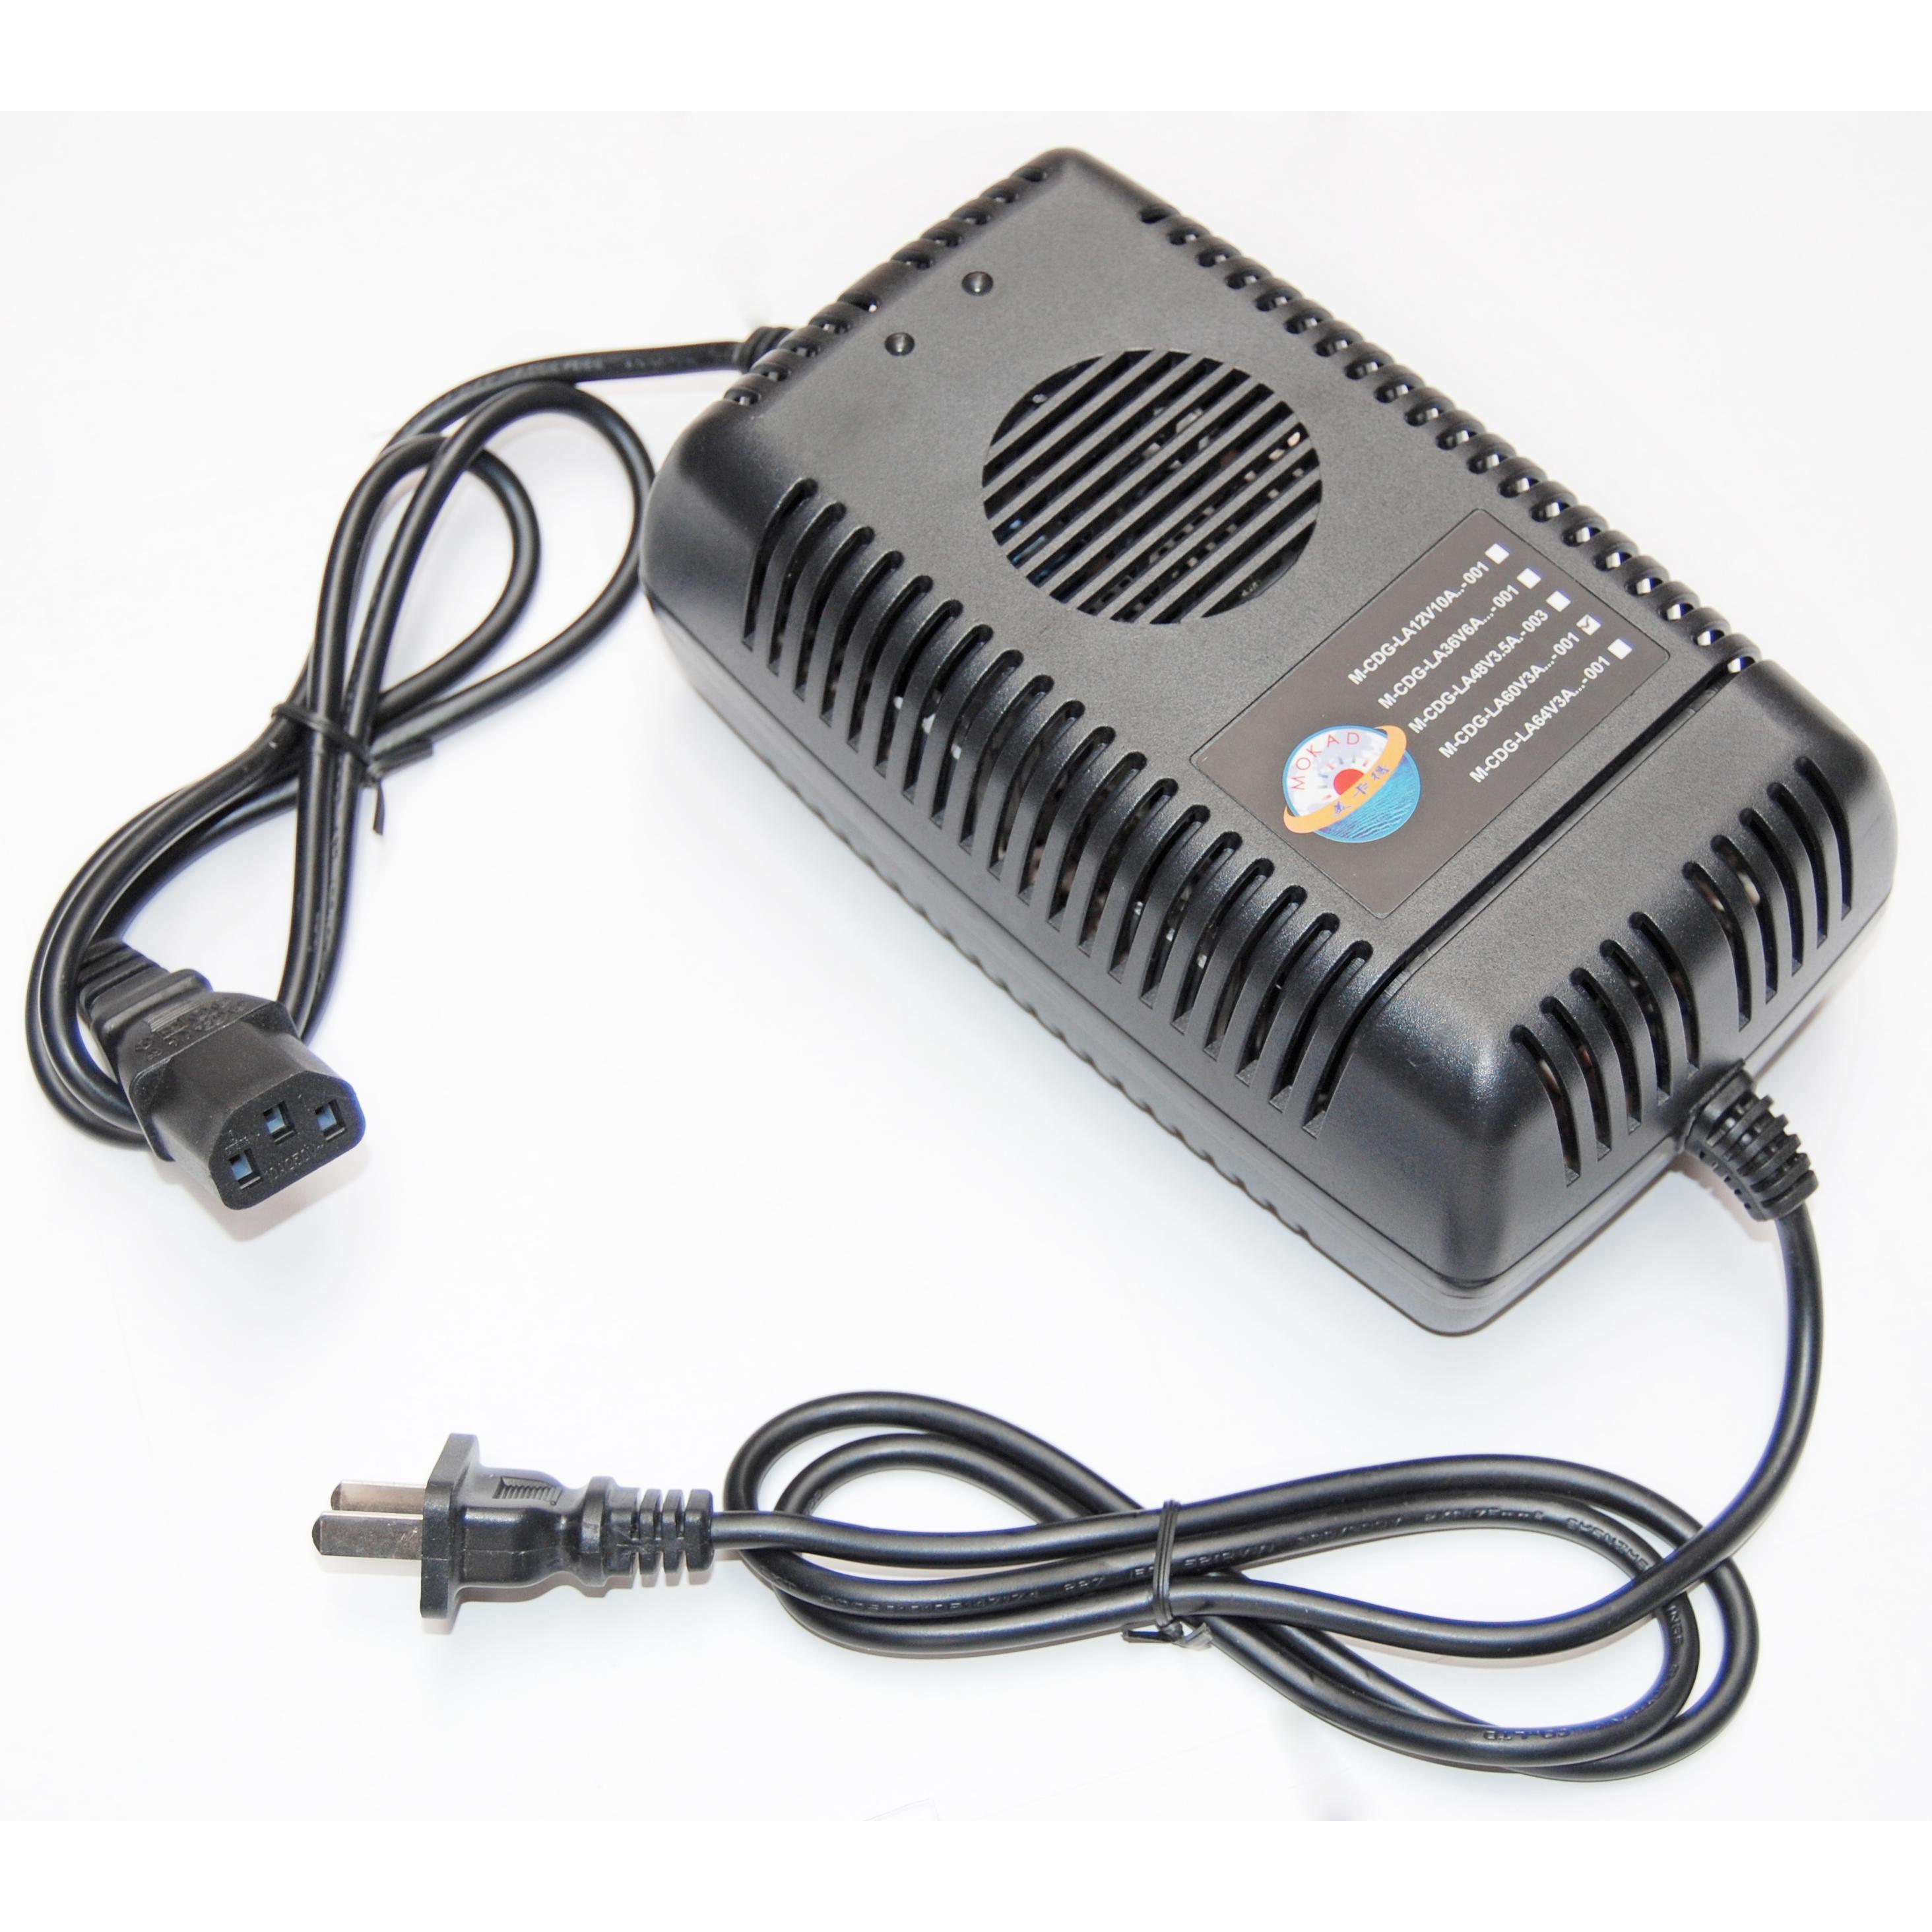 美卡得60v电动车变频脉冲电瓶修复充电器;